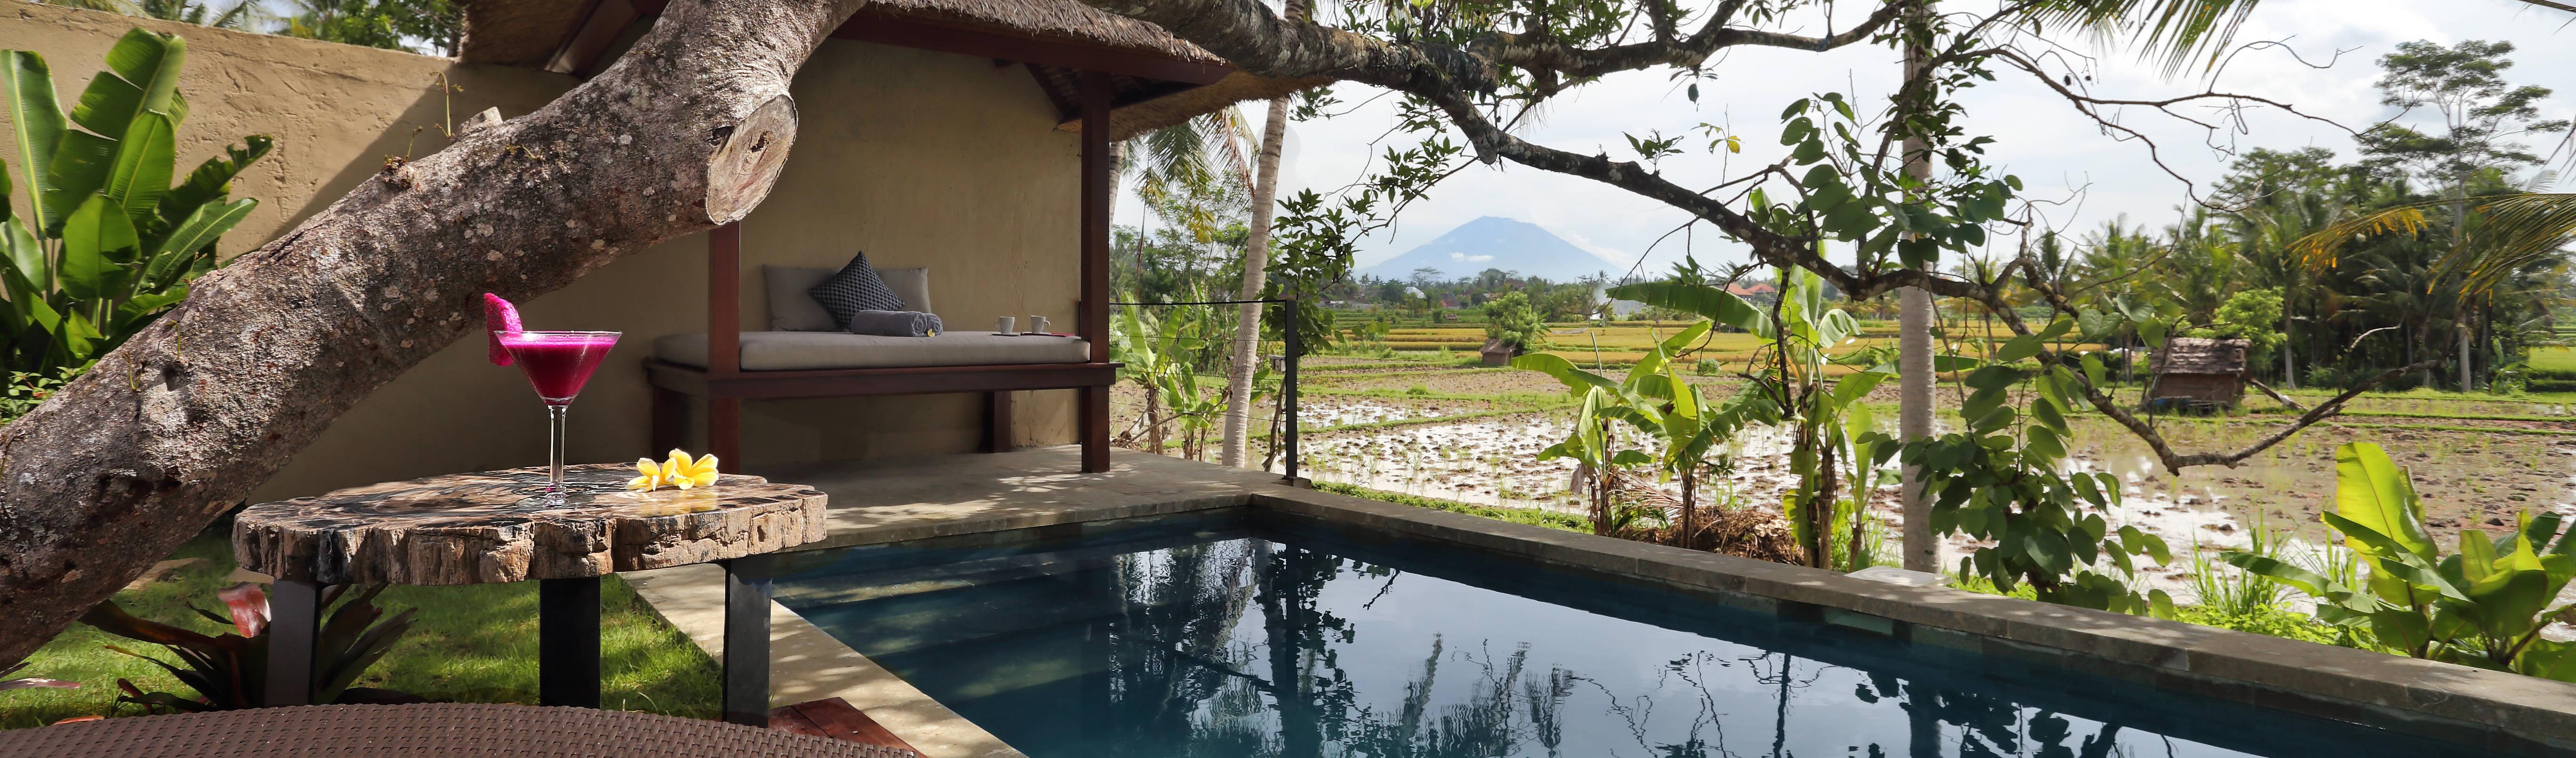 WaB – Wimba anenggata architects Bali